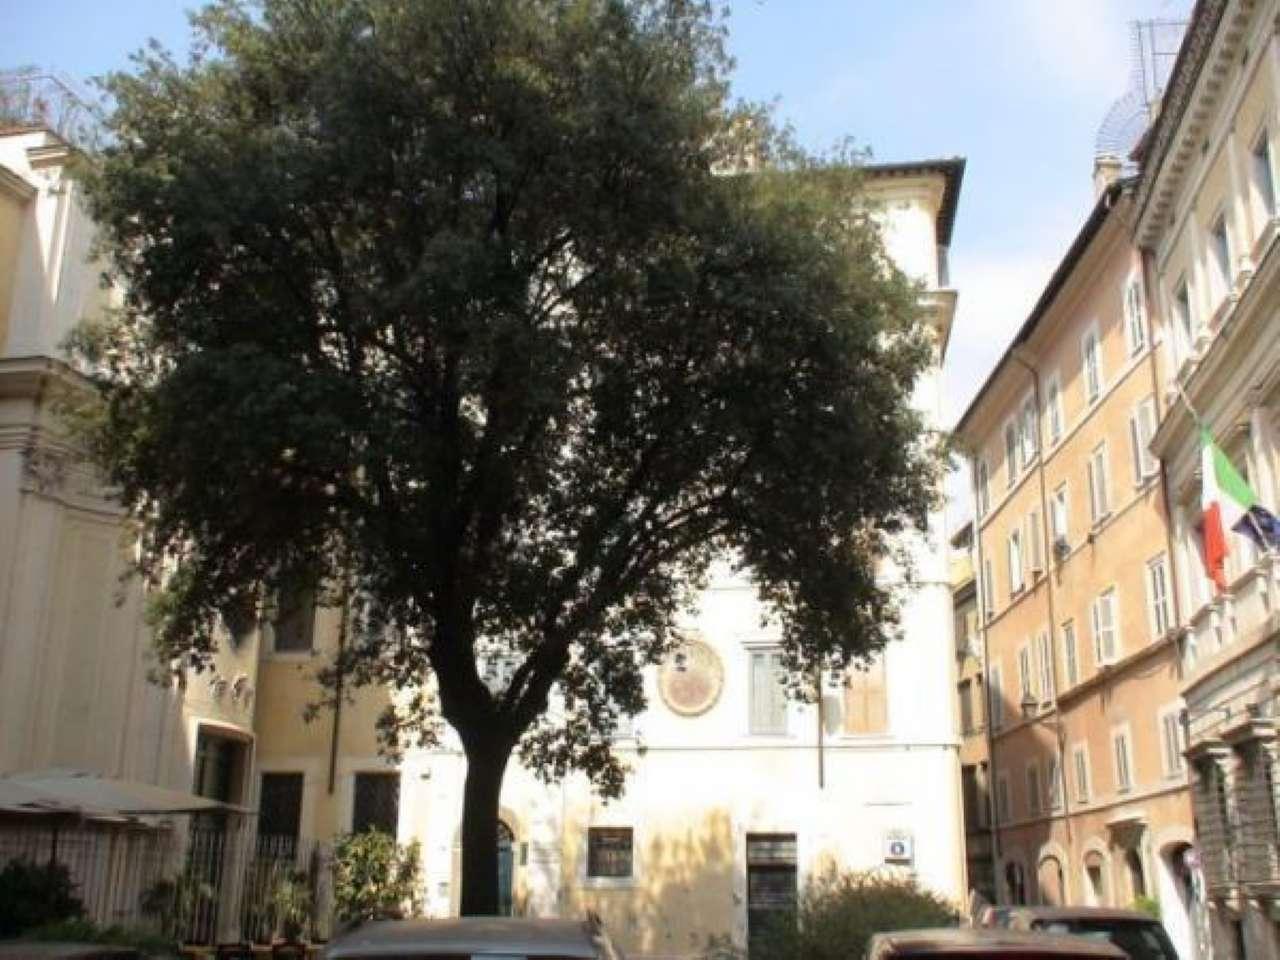 Appartamento in vendita a Roma, 3 locali, zona Zona: 1 . Centro storico, prezzo € 450.000 | CambioCasa.it